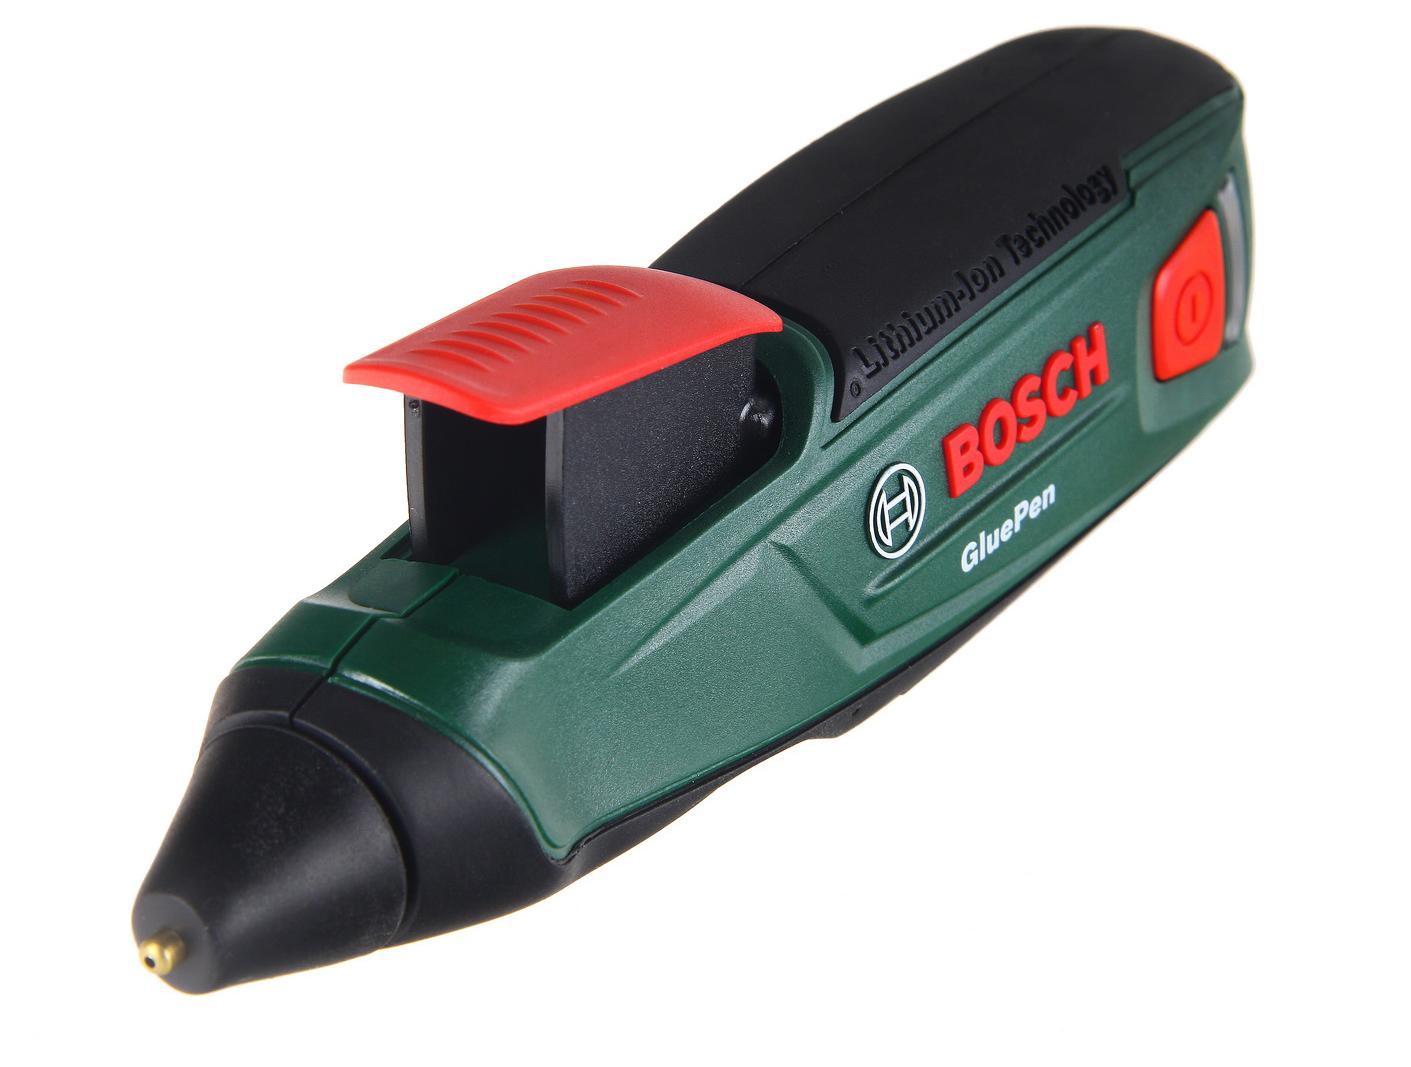 Аккумуляторный клеевой пистолет Bosch Gluepen (0.603.2a2.020) цена и фото